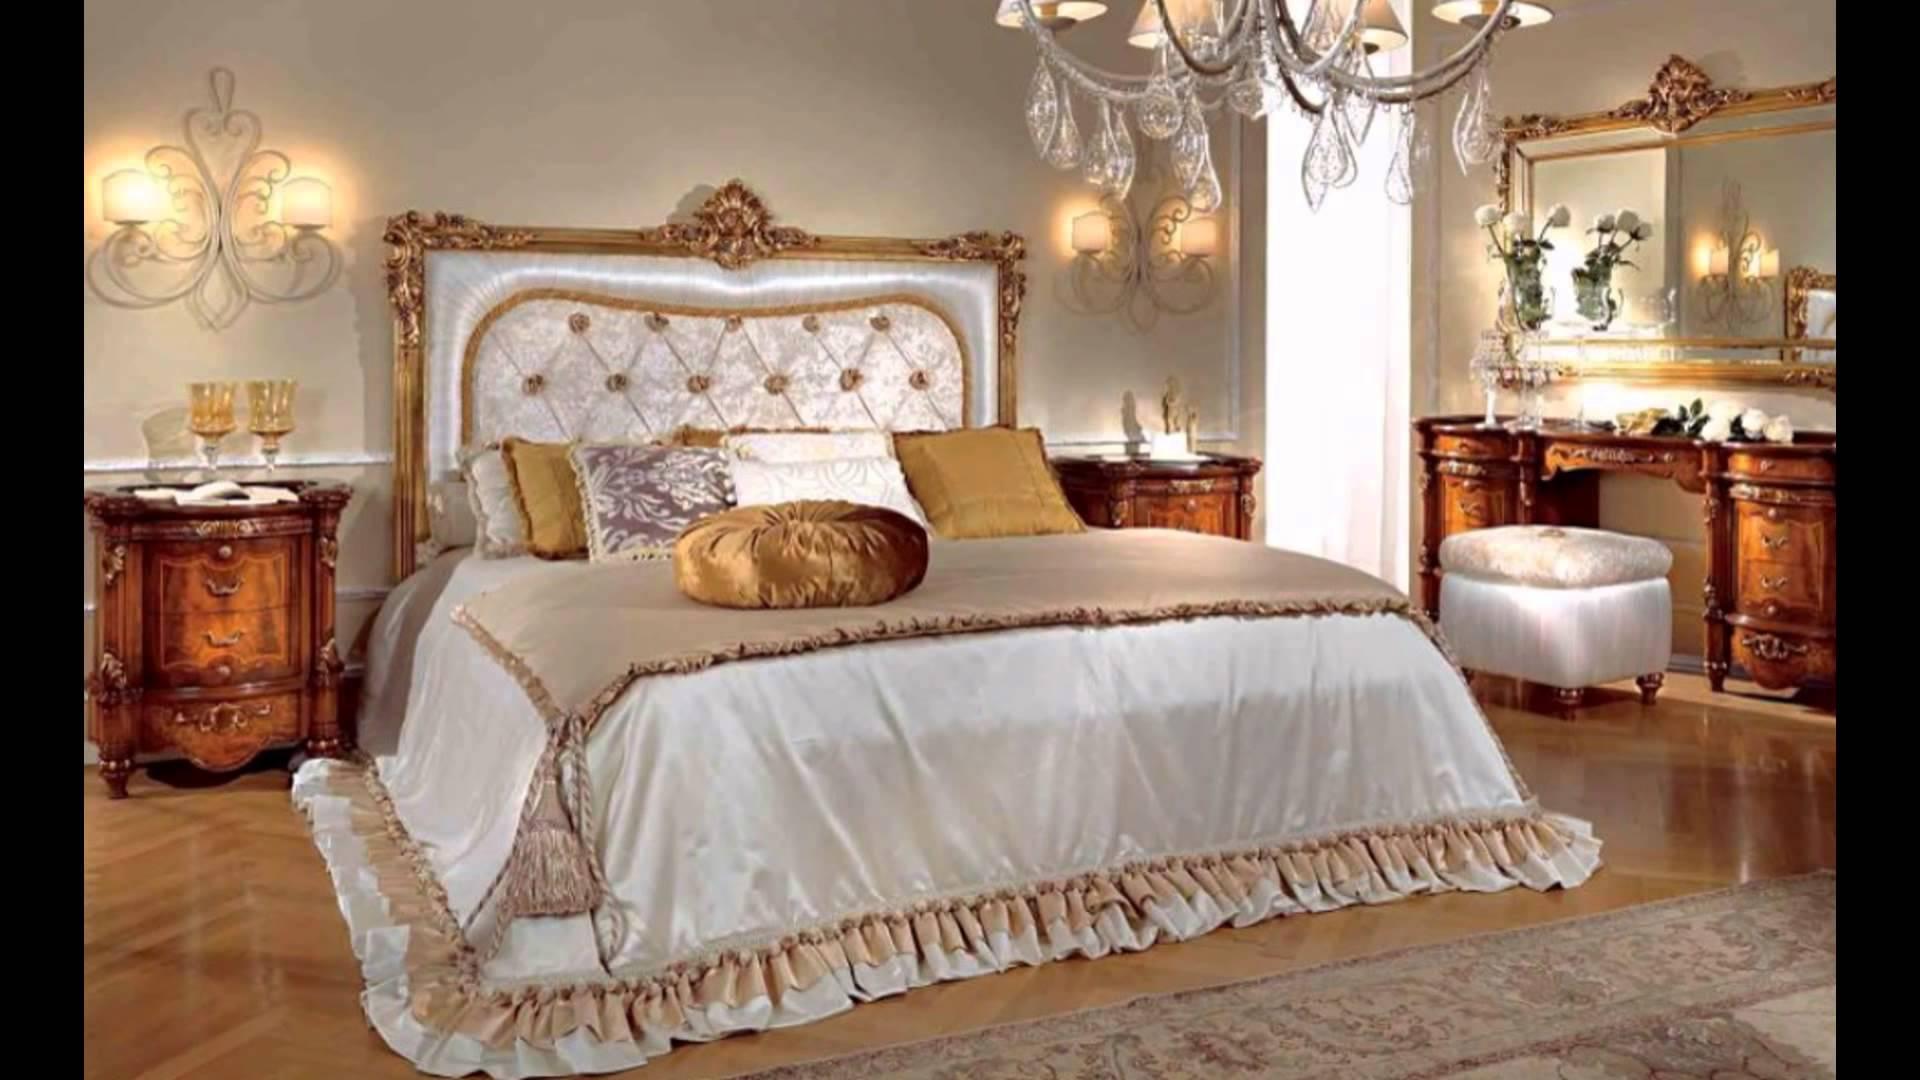 غرف النوم 2020 8 1